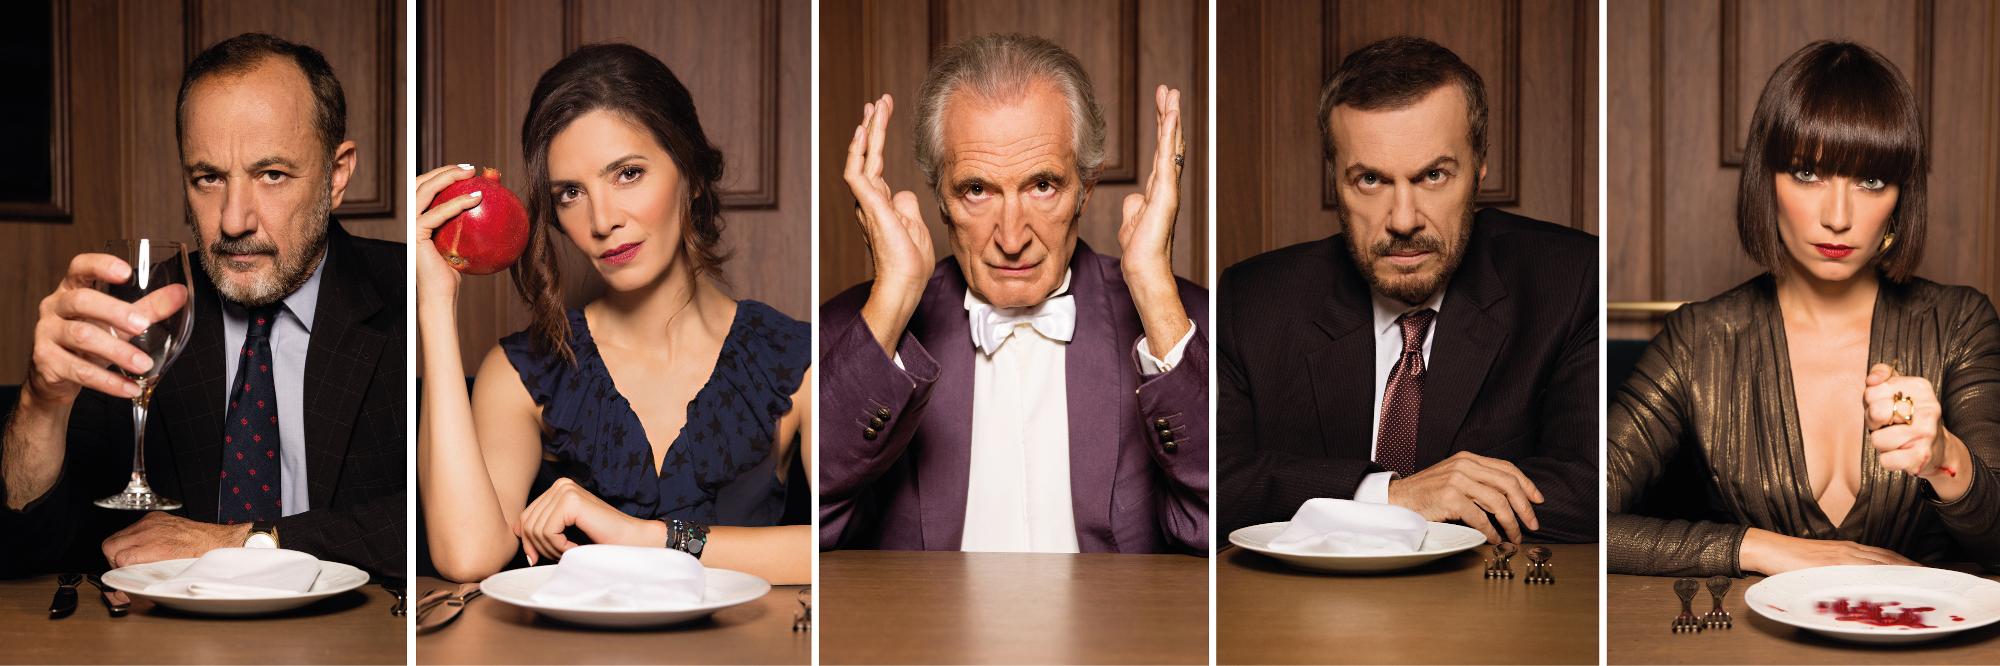 Οι πρωταγωνιστές του «Δείπνου» σε σκηνοθεσία Λίλλυς Μελεμέ